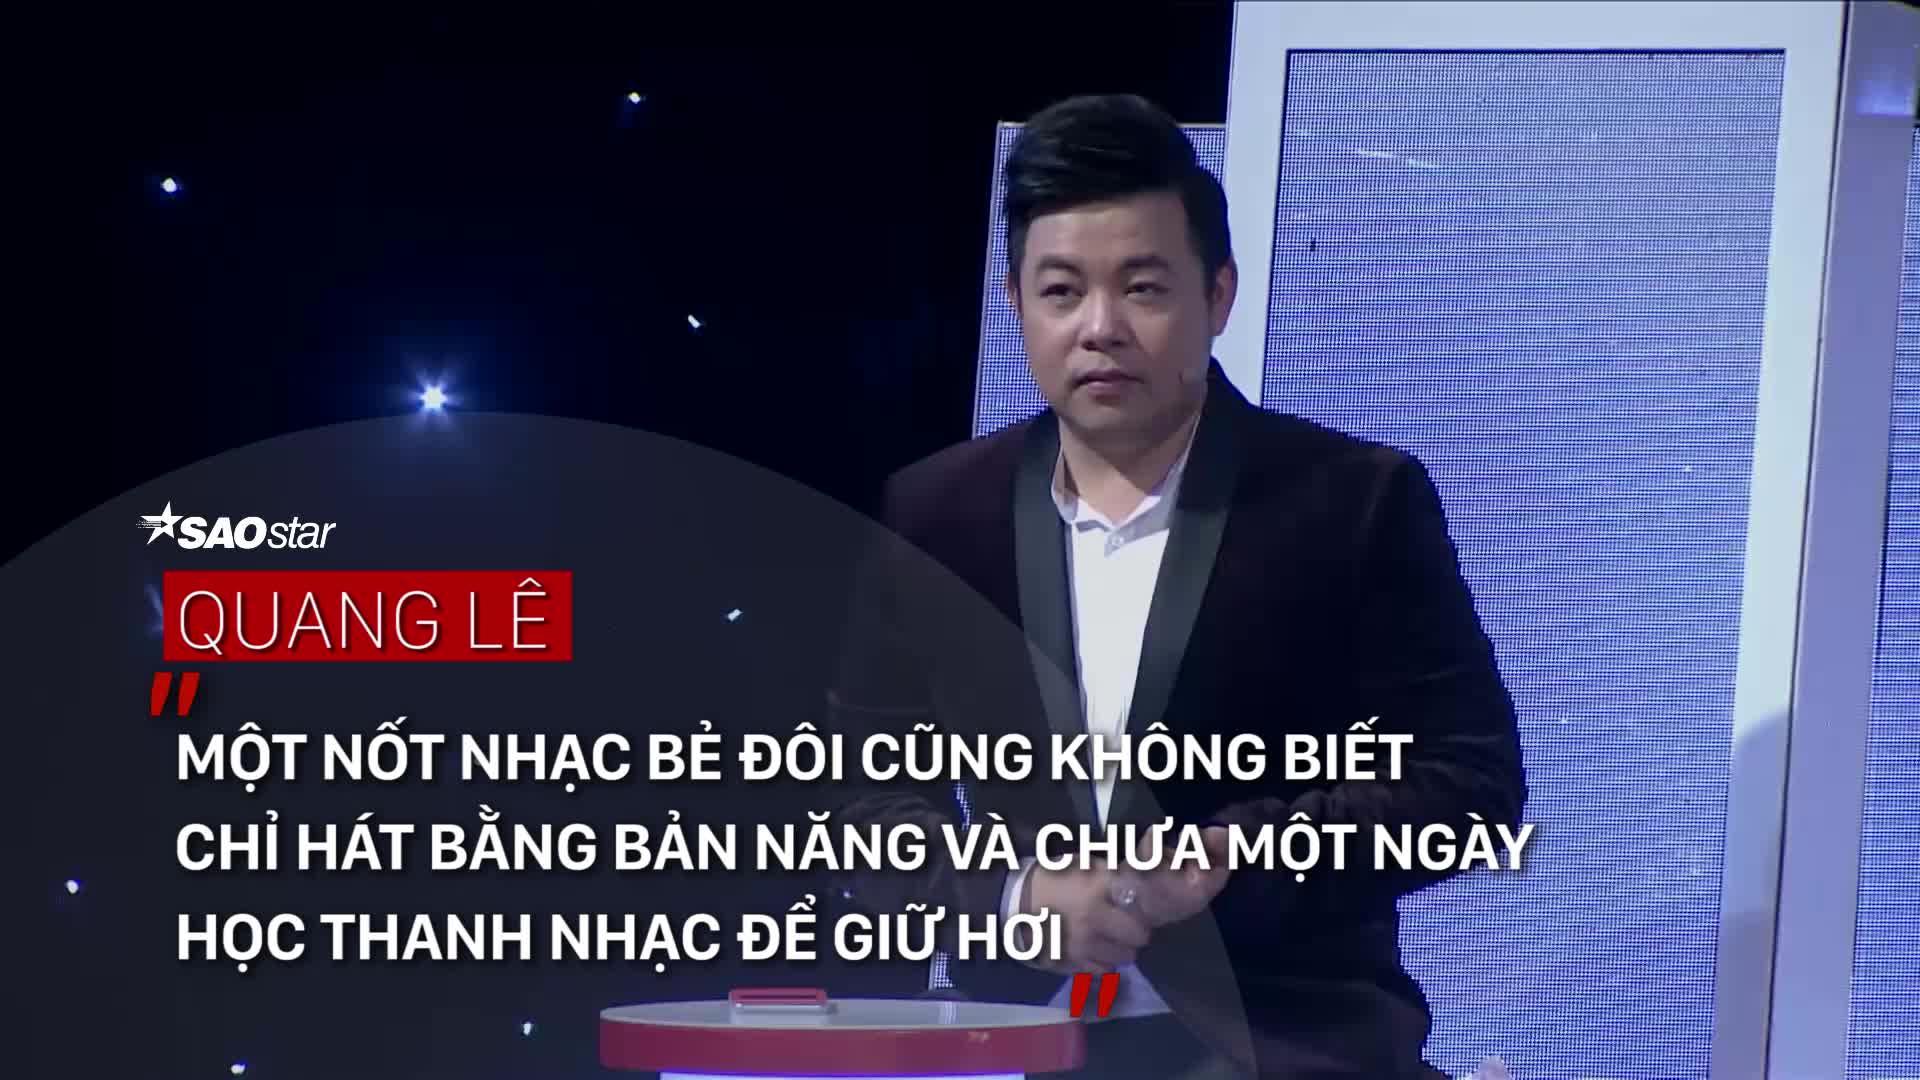 Chưa từng học bài bản, hotboy đội HLV Quang Lê khiến Lệ Quyên nể phục trước giọng hát ngọt ngào